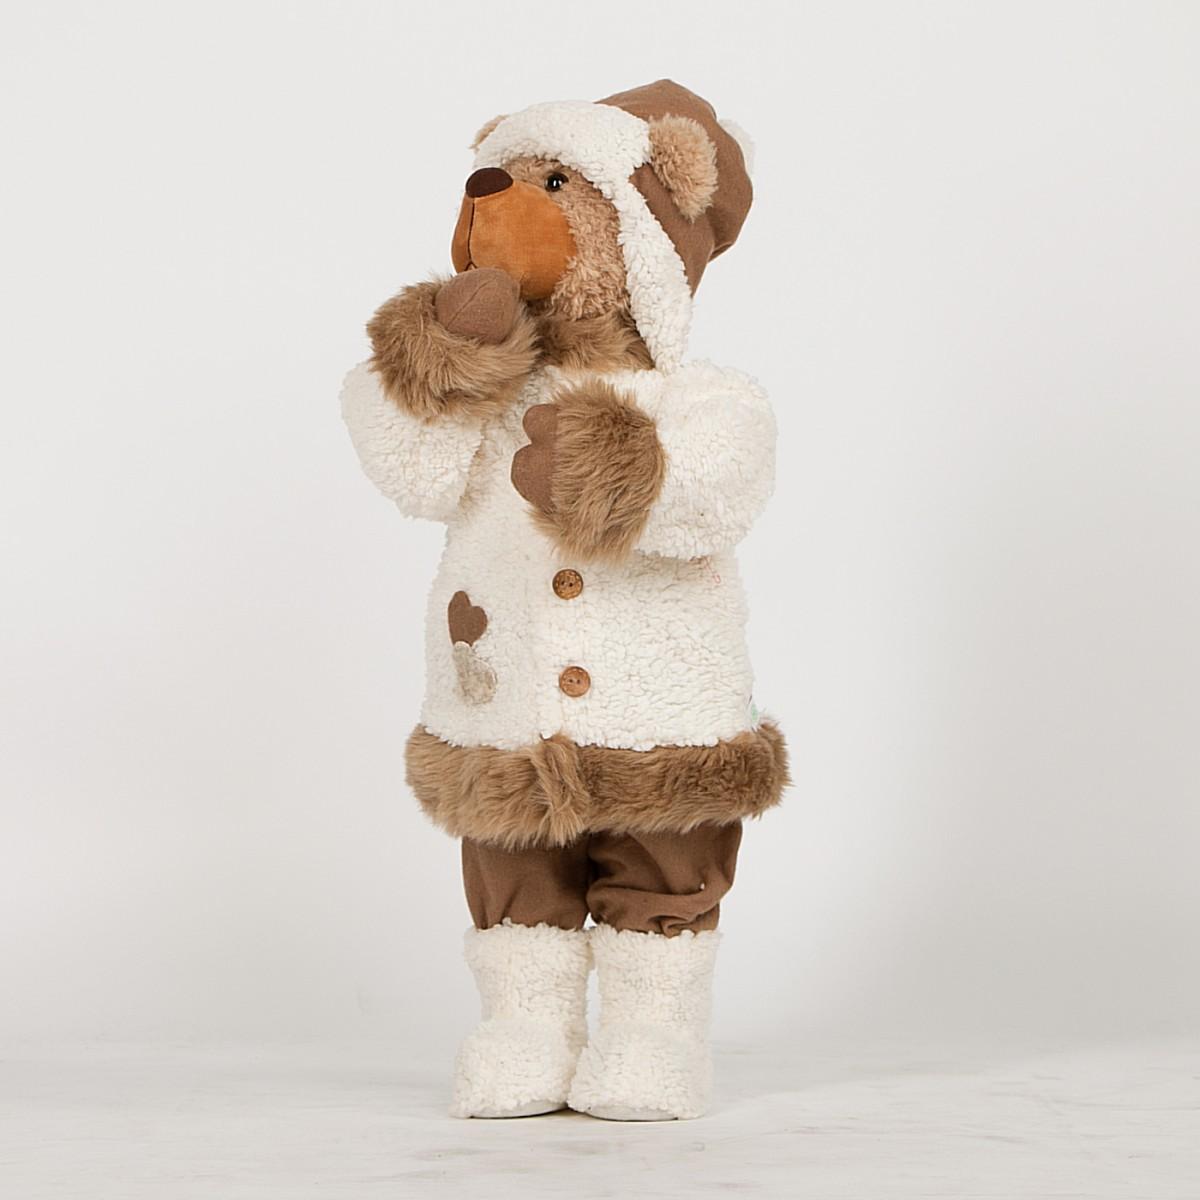 Новогодняя кукла «Мишка» в шубке